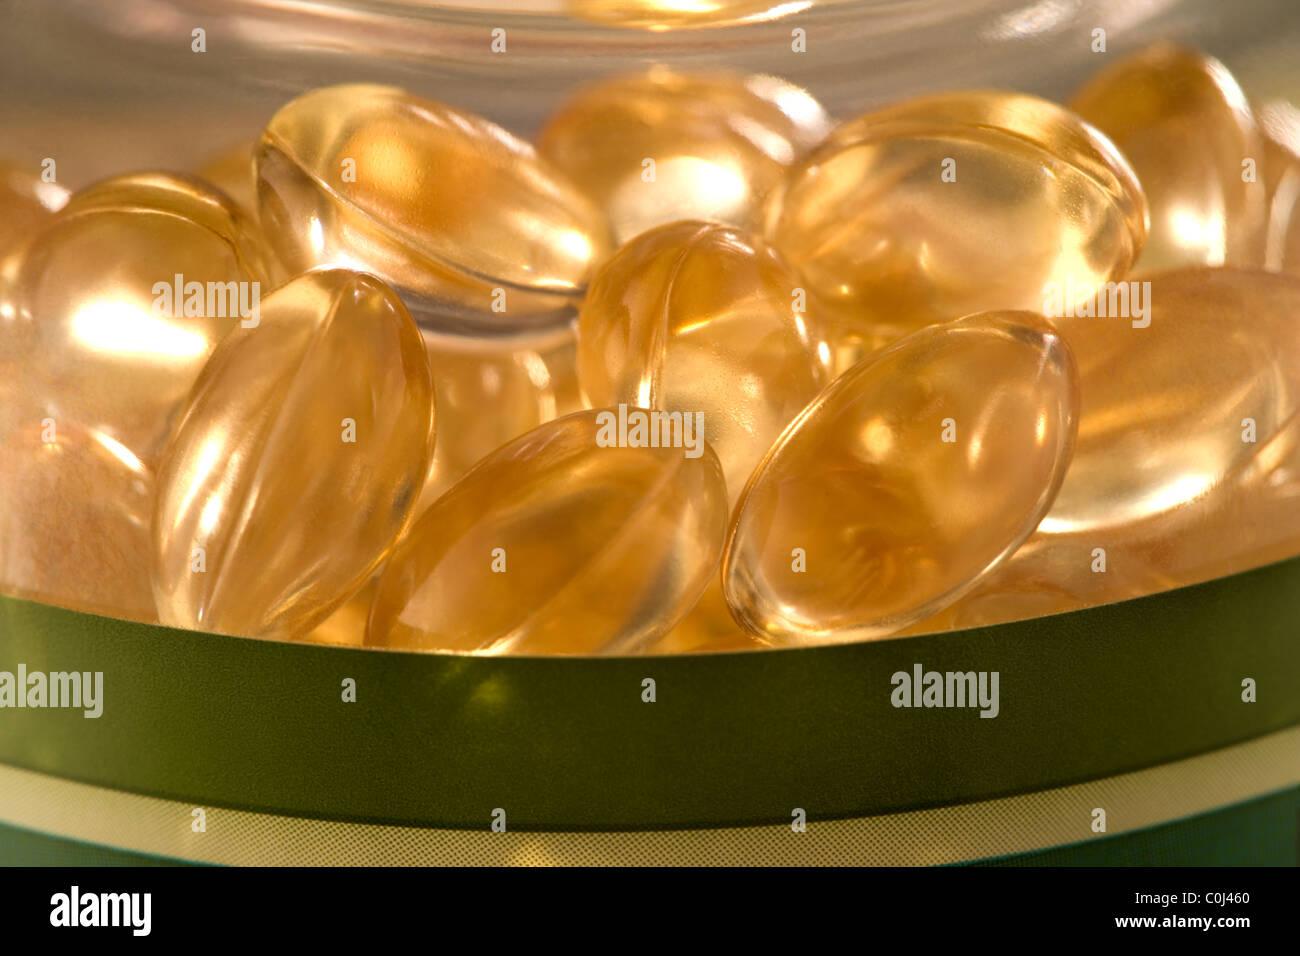 Nahaufnahme von flüssigen Vitaminkapseln Stockbild